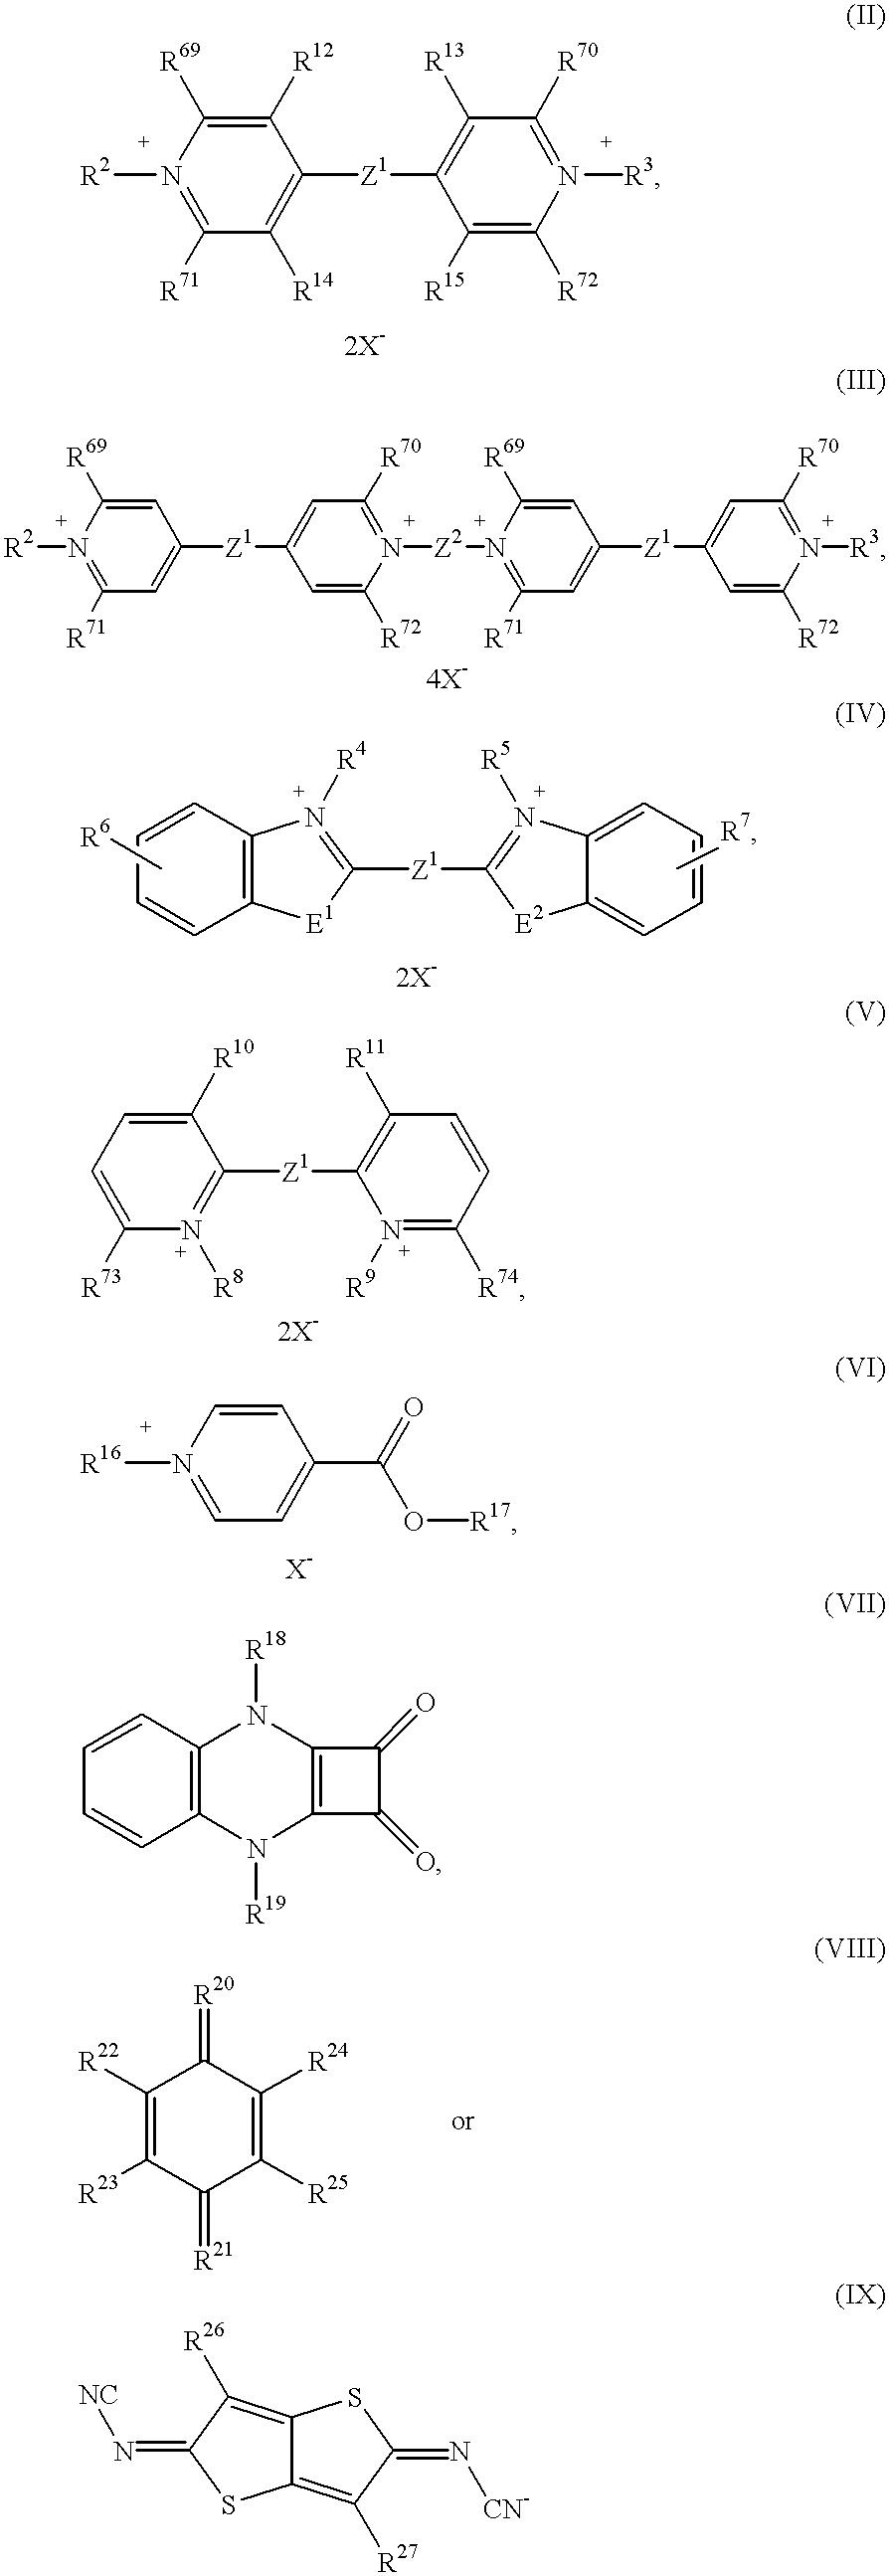 Figure US06183878-20010206-C00004